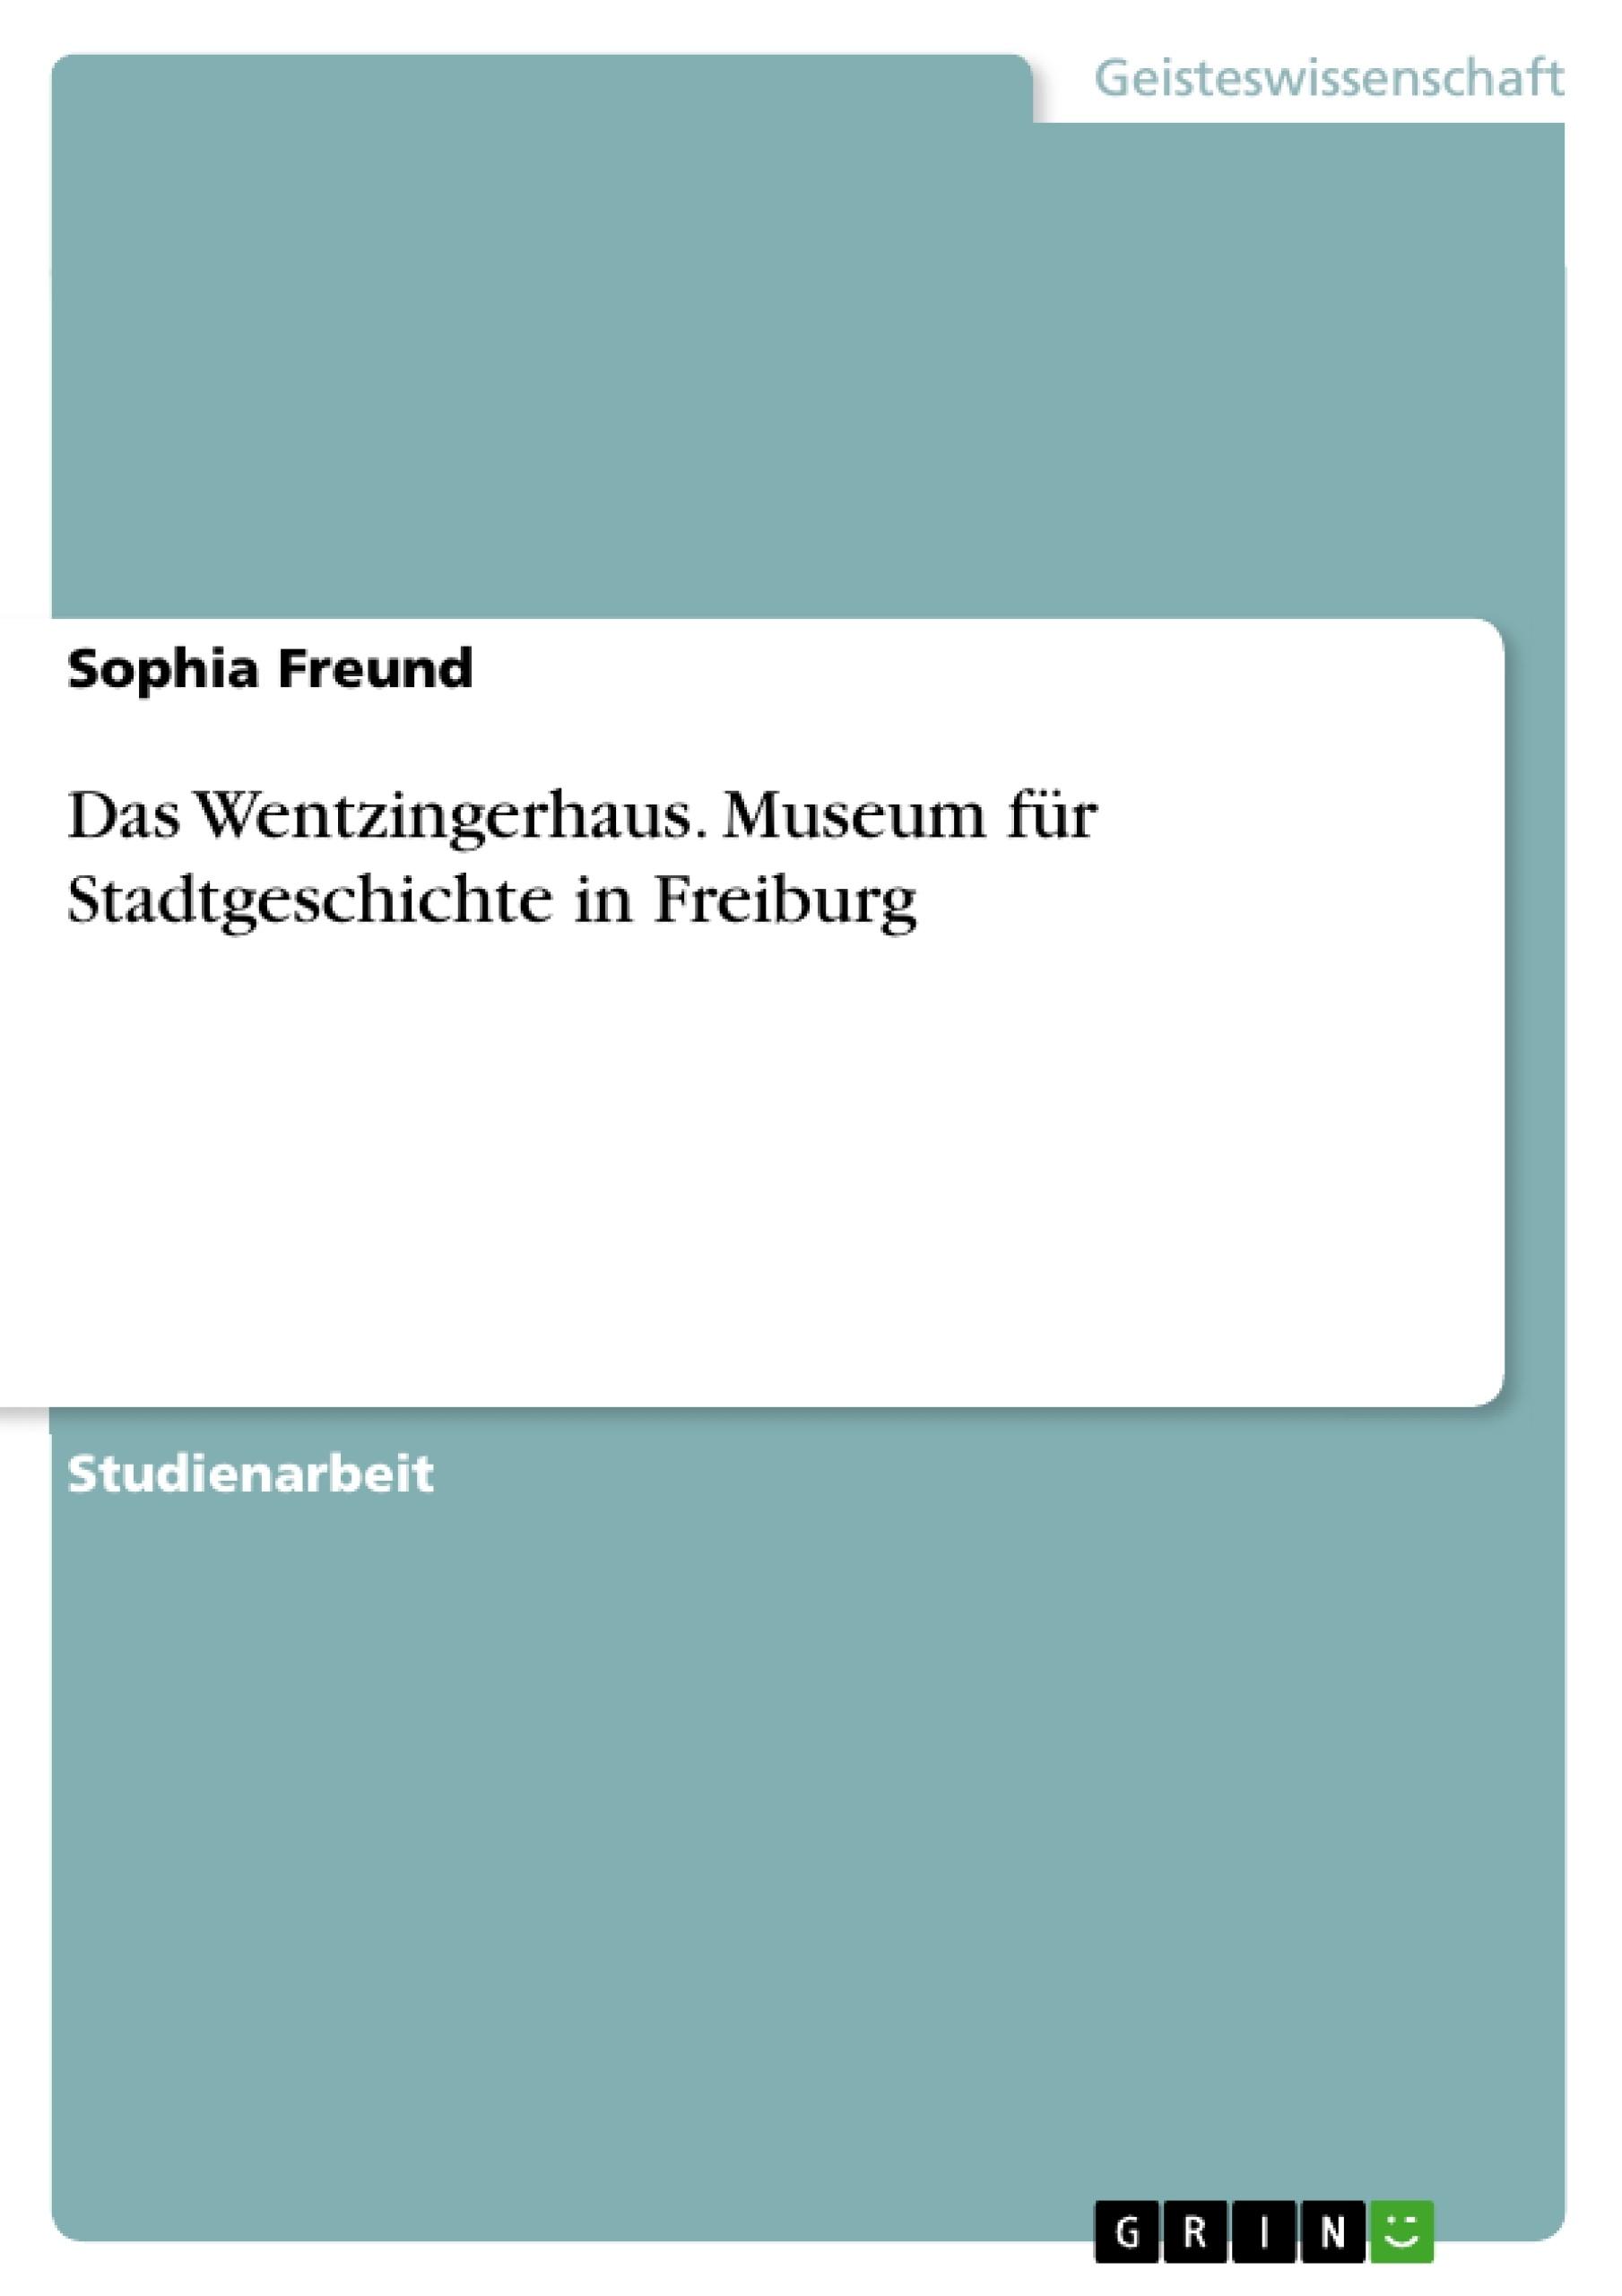 Titel: Das Wentzingerhaus. Museum für Stadtgeschichte in Freiburg